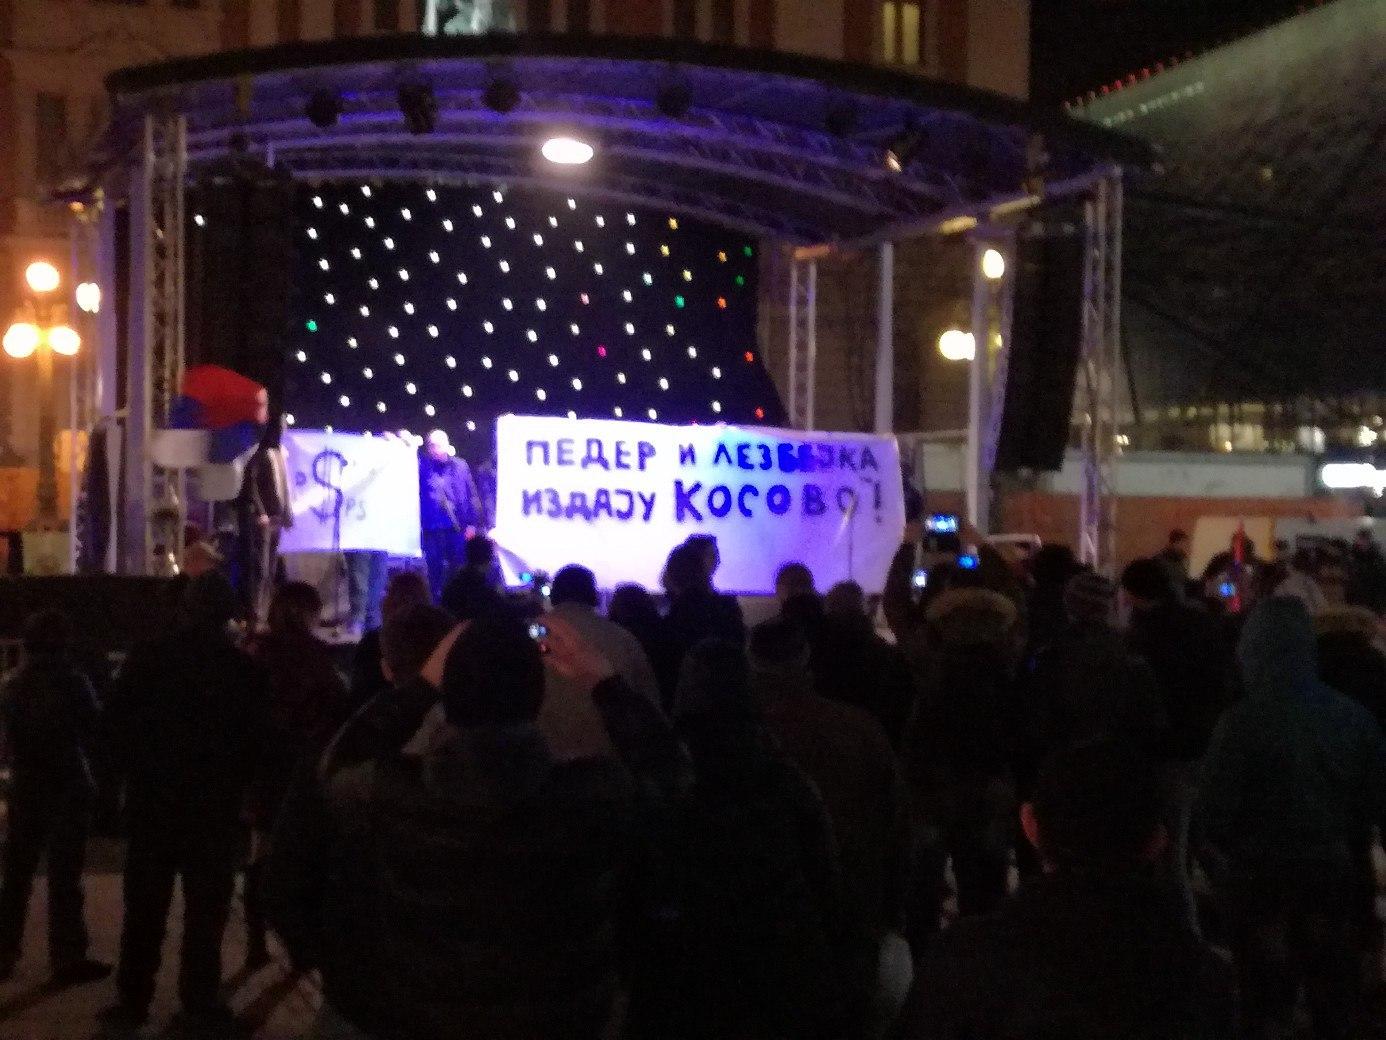 Протестни скуп у Београду поводом Косова и Метохије